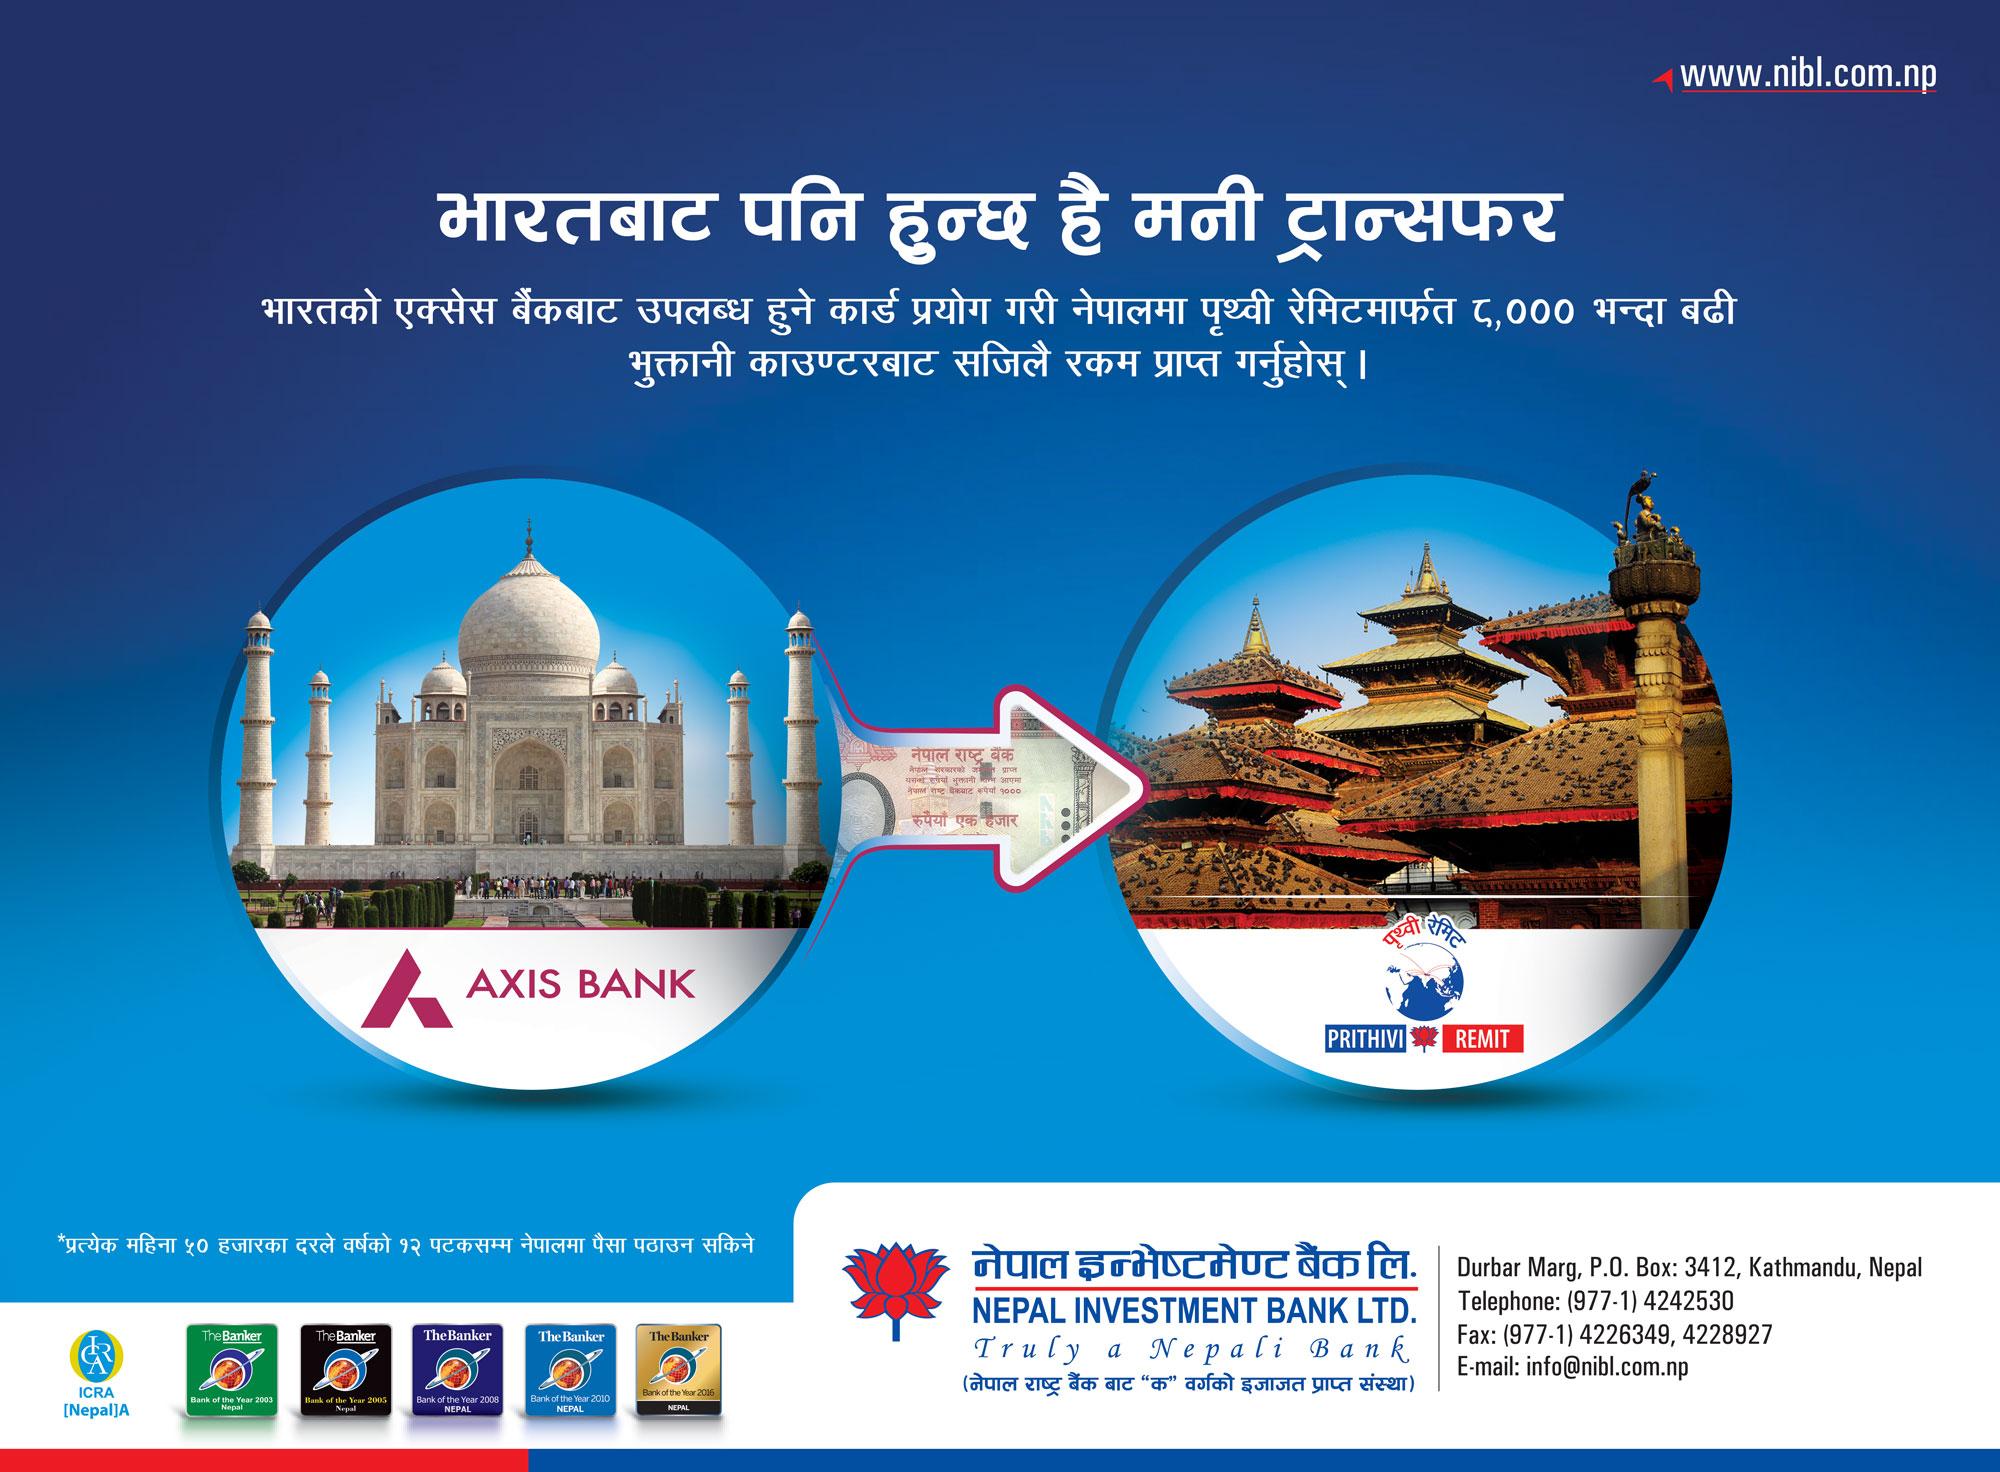 एनआइबिएल र भारतको एक्सेस बैंकबीच रेमिट्यान्स सम्झौता